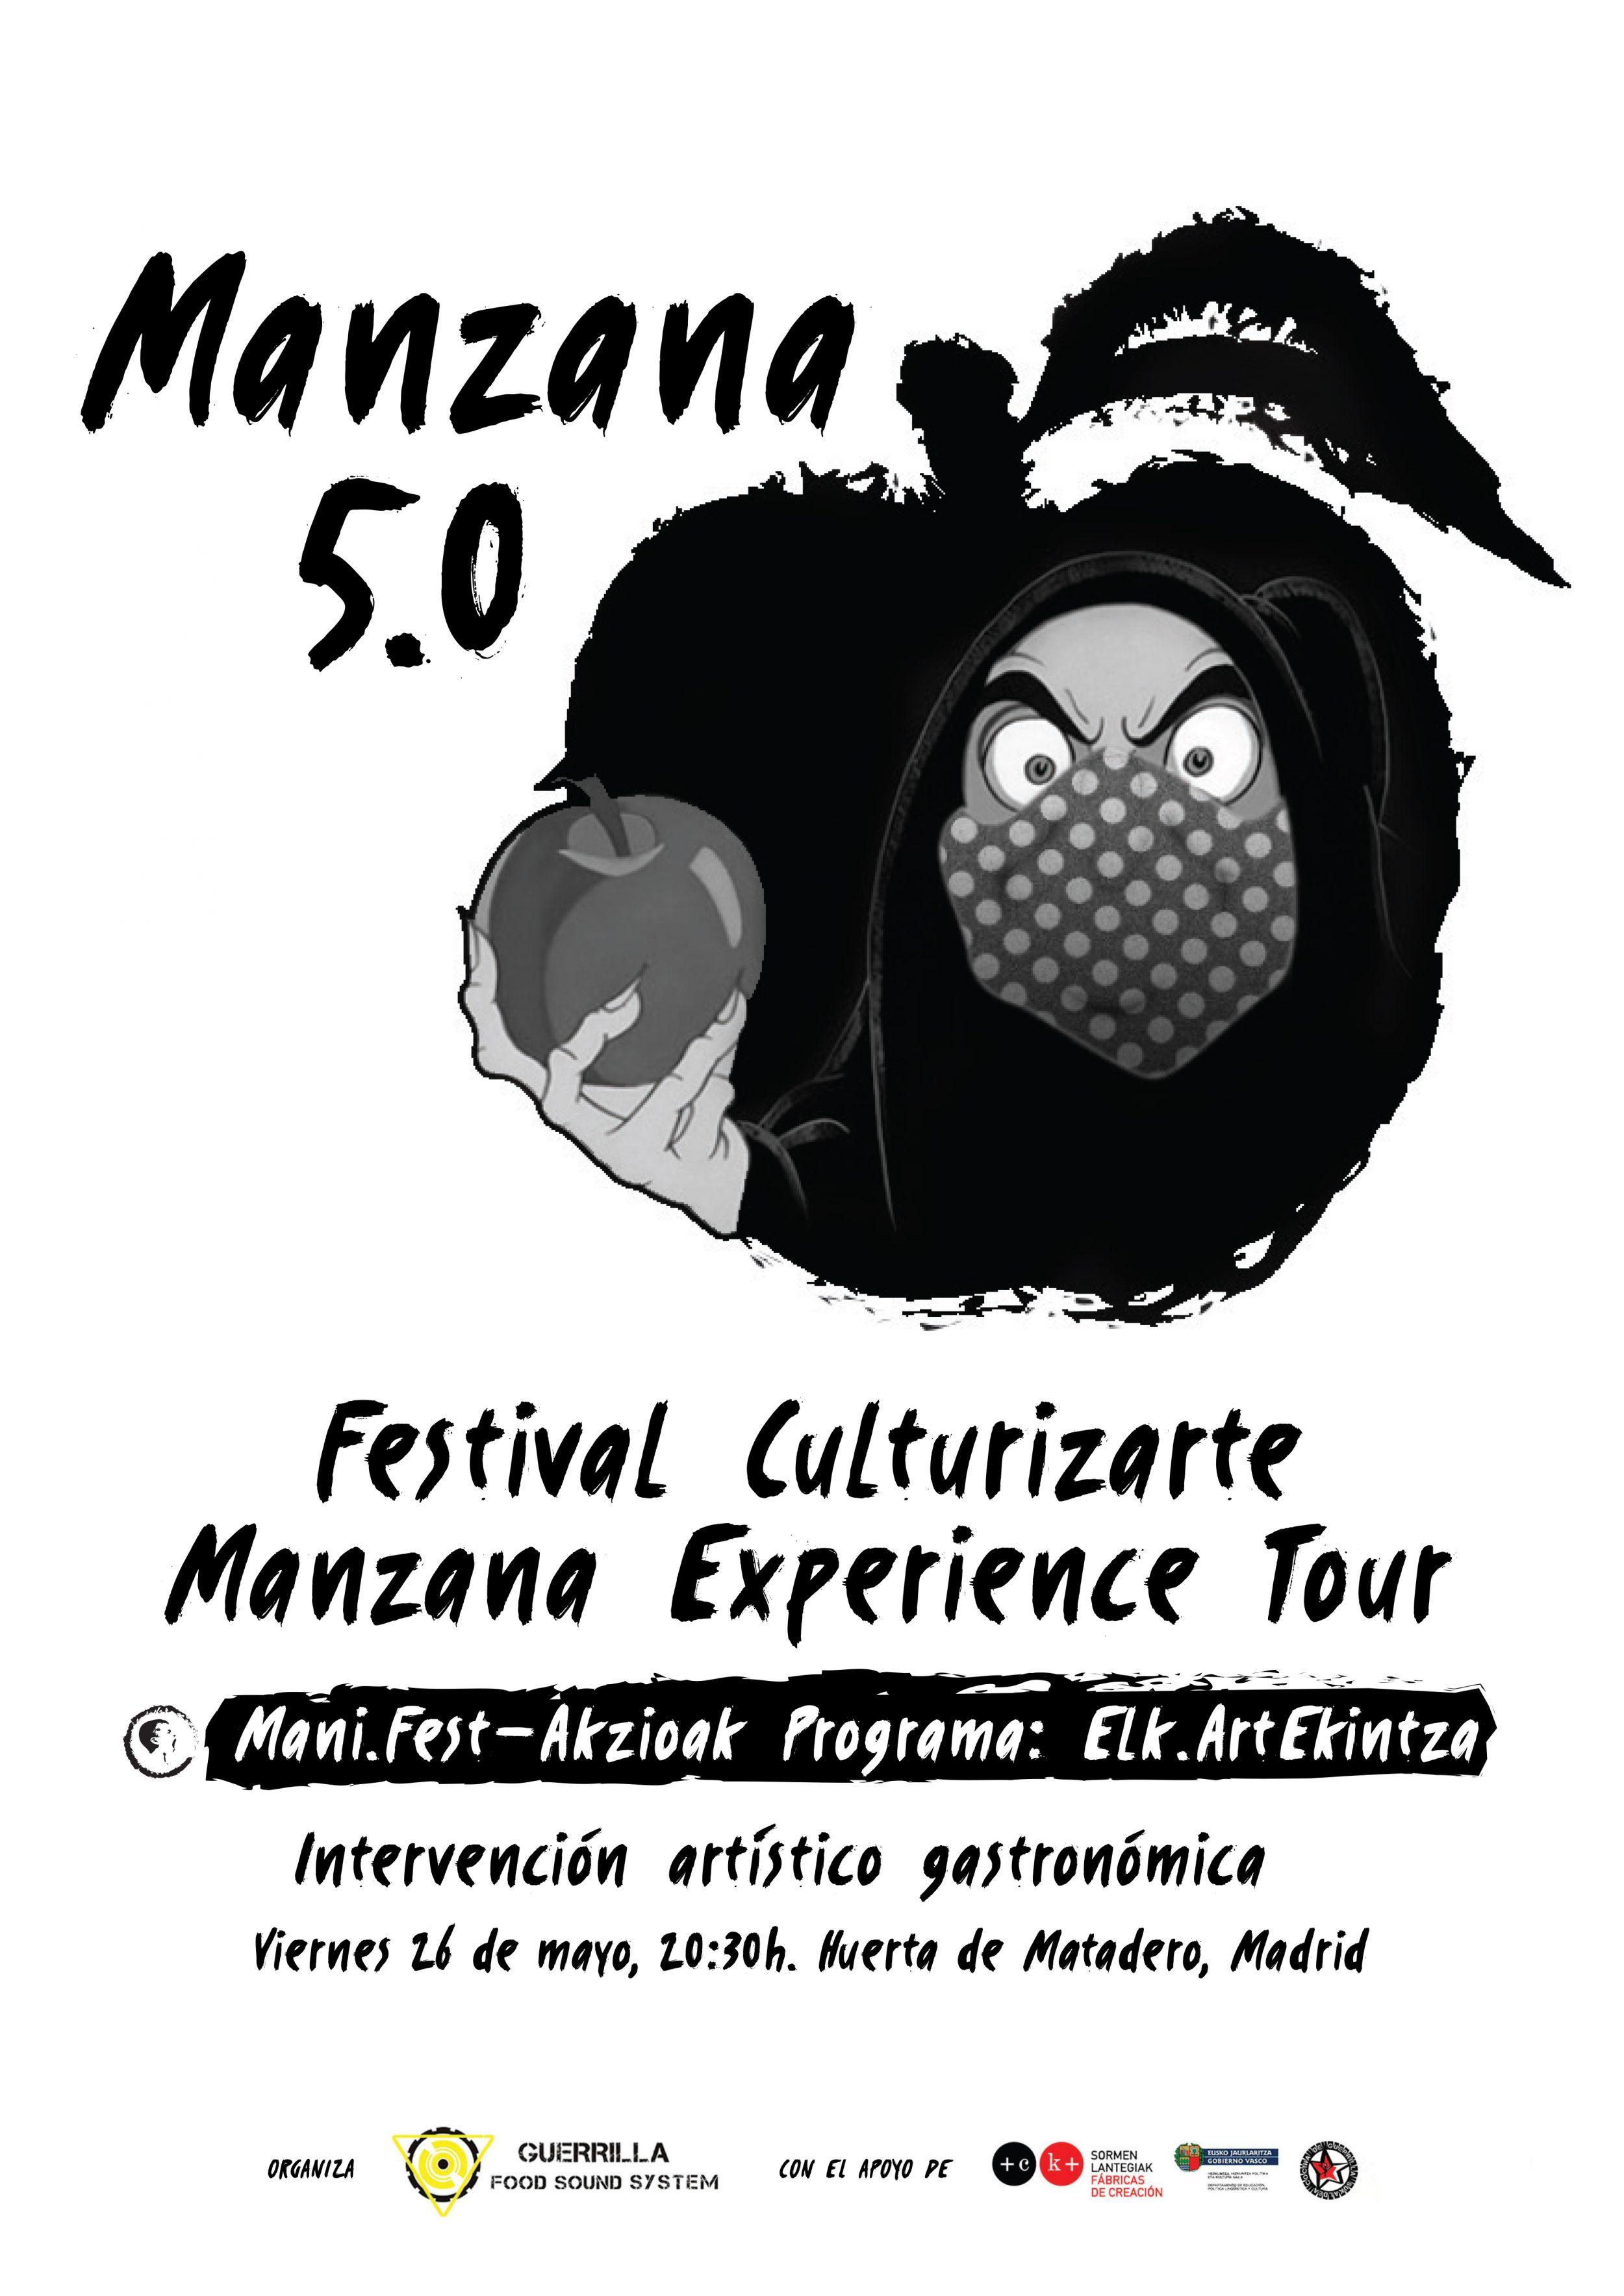 00-Manzana 5.0-Cartel-GuerrillaFSS